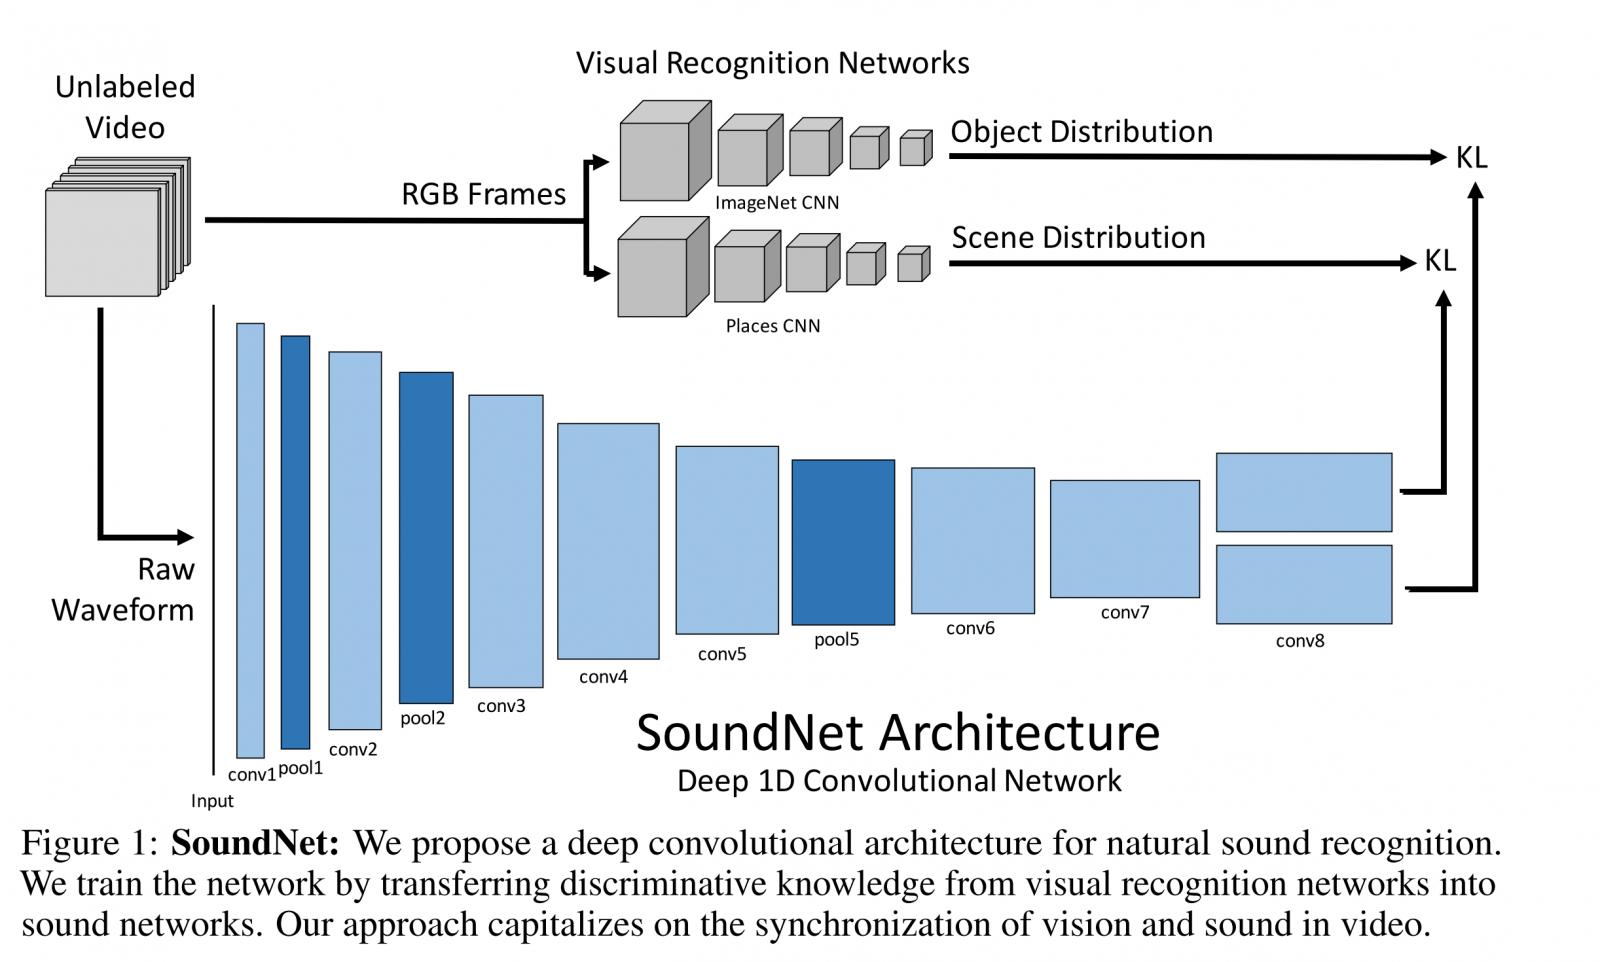 soundnet-architecture